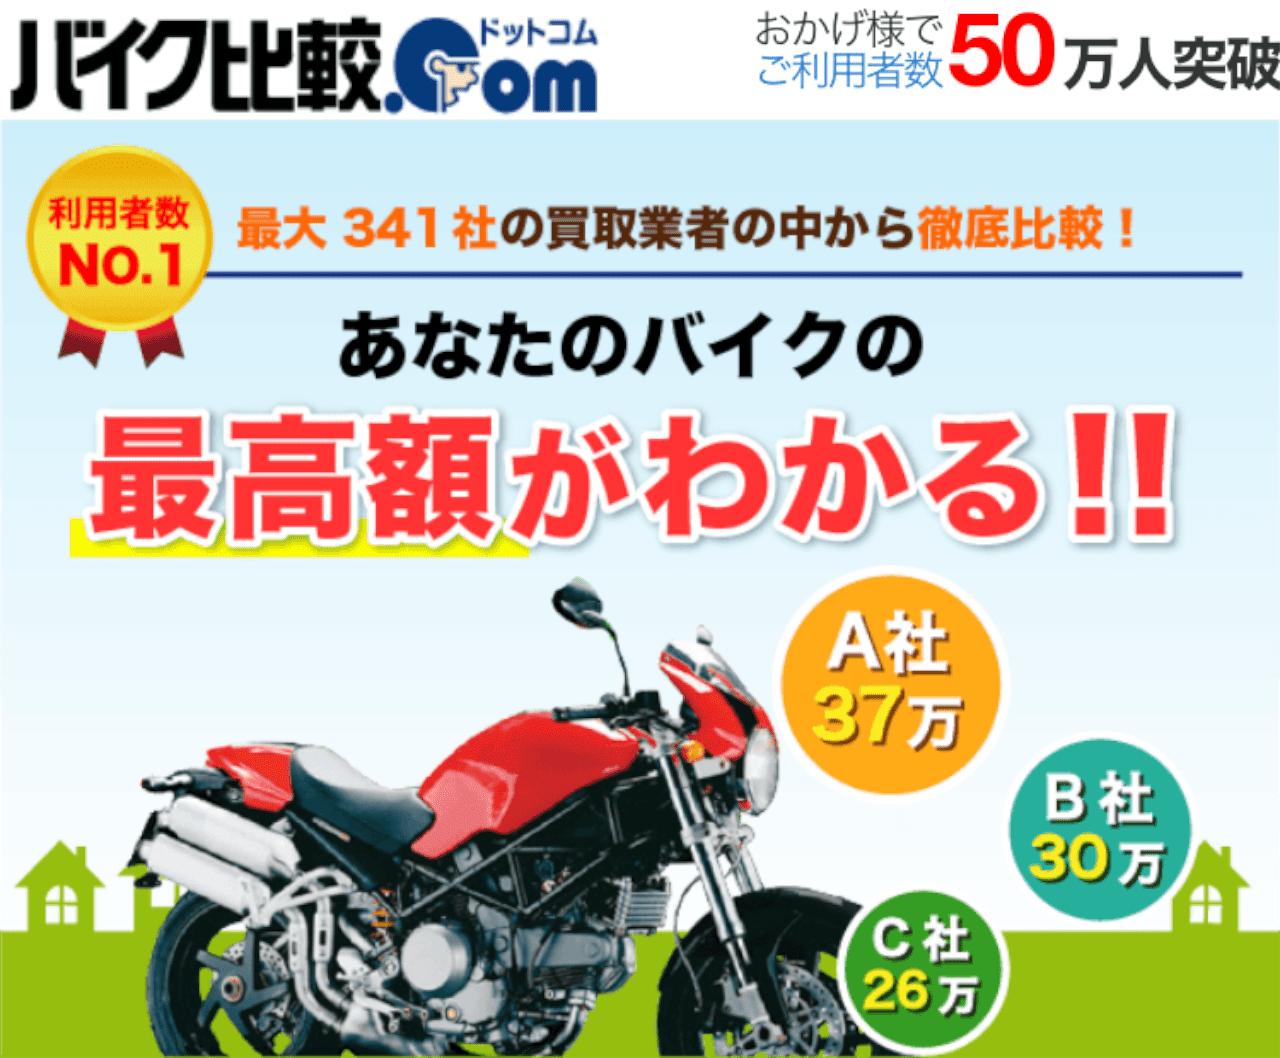 バイク比較.com一括査定